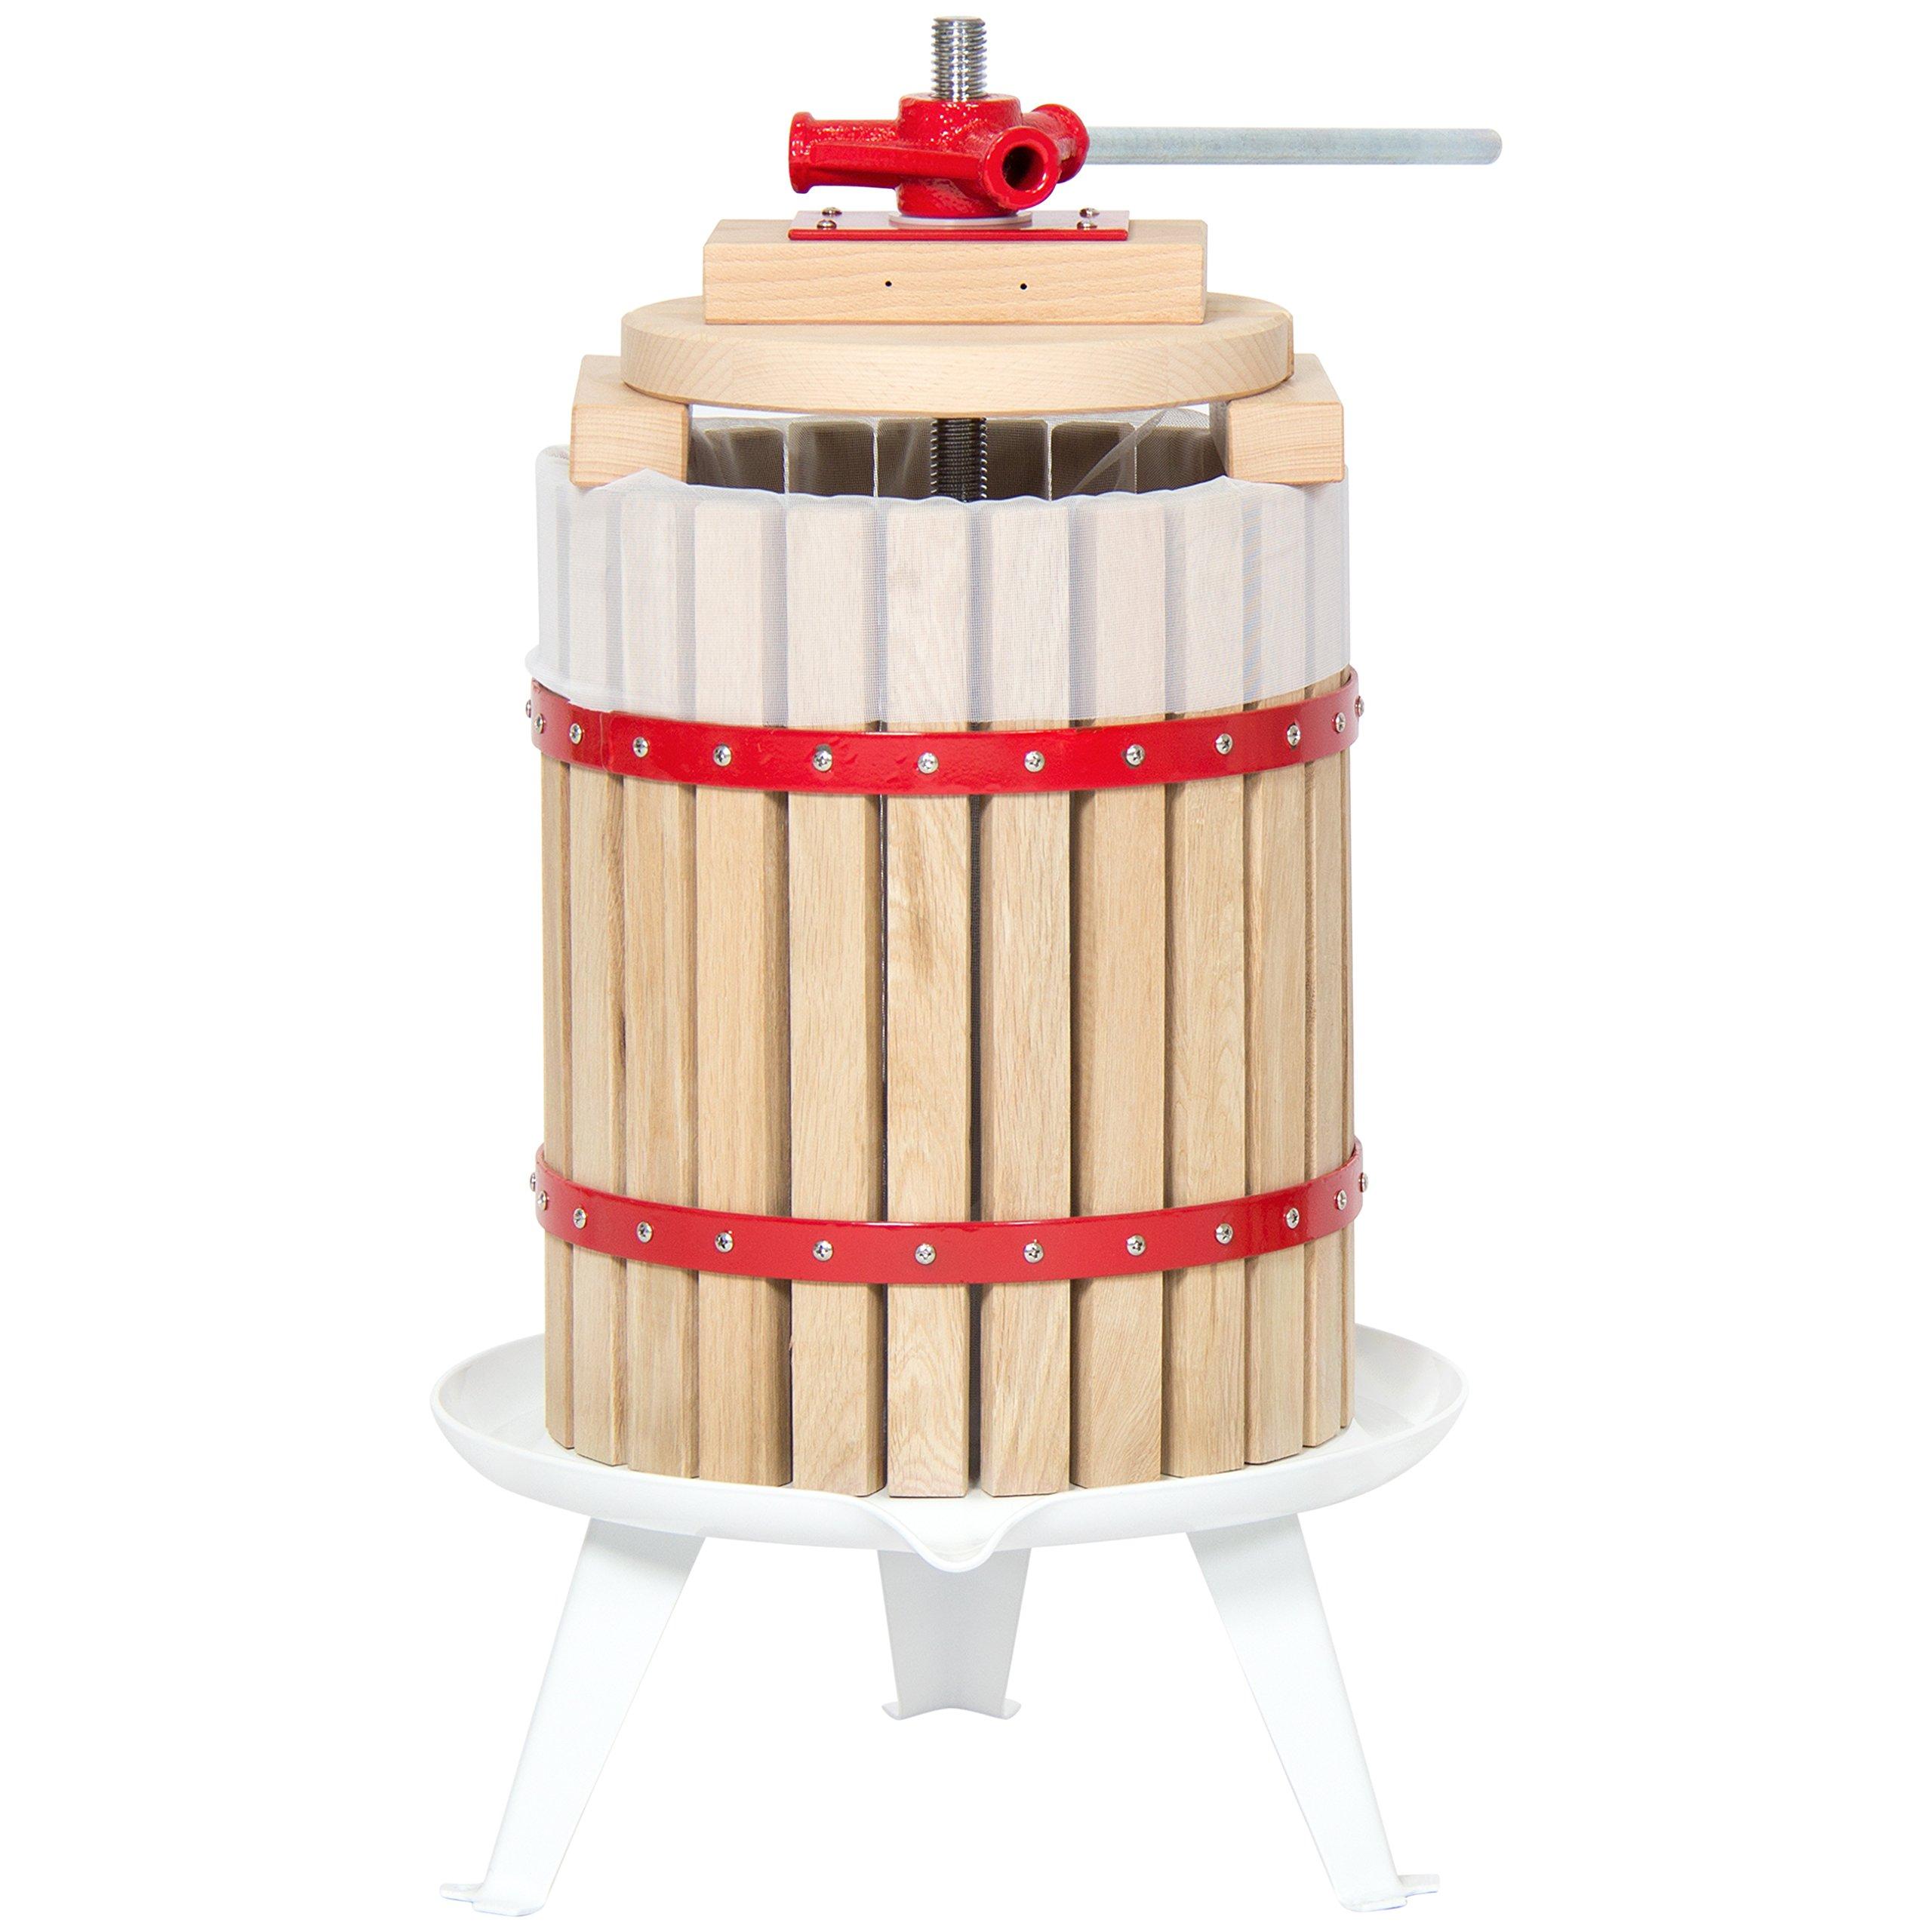 Best Choice Products 18L Kitchen Fruit Juicer Wine Basket Press Juice Maker- Natural/Red